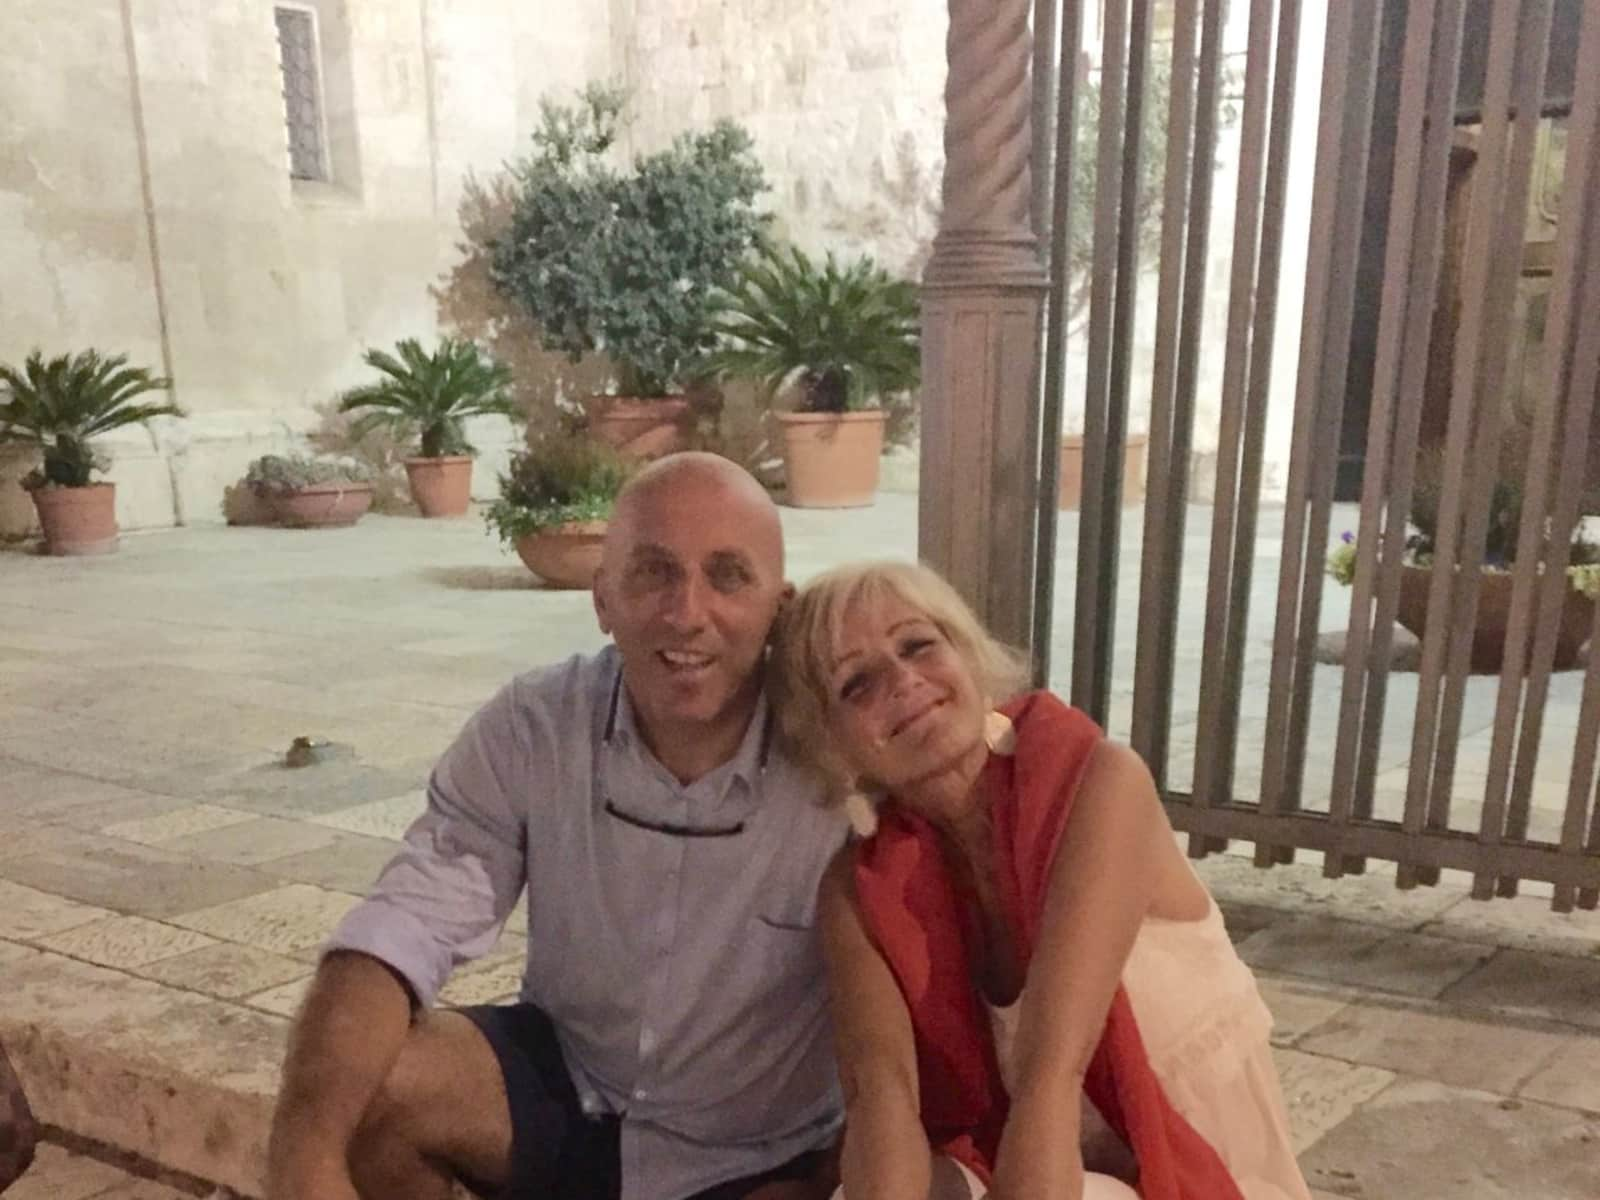 Franco mario & Giovanna from Siena, Italy